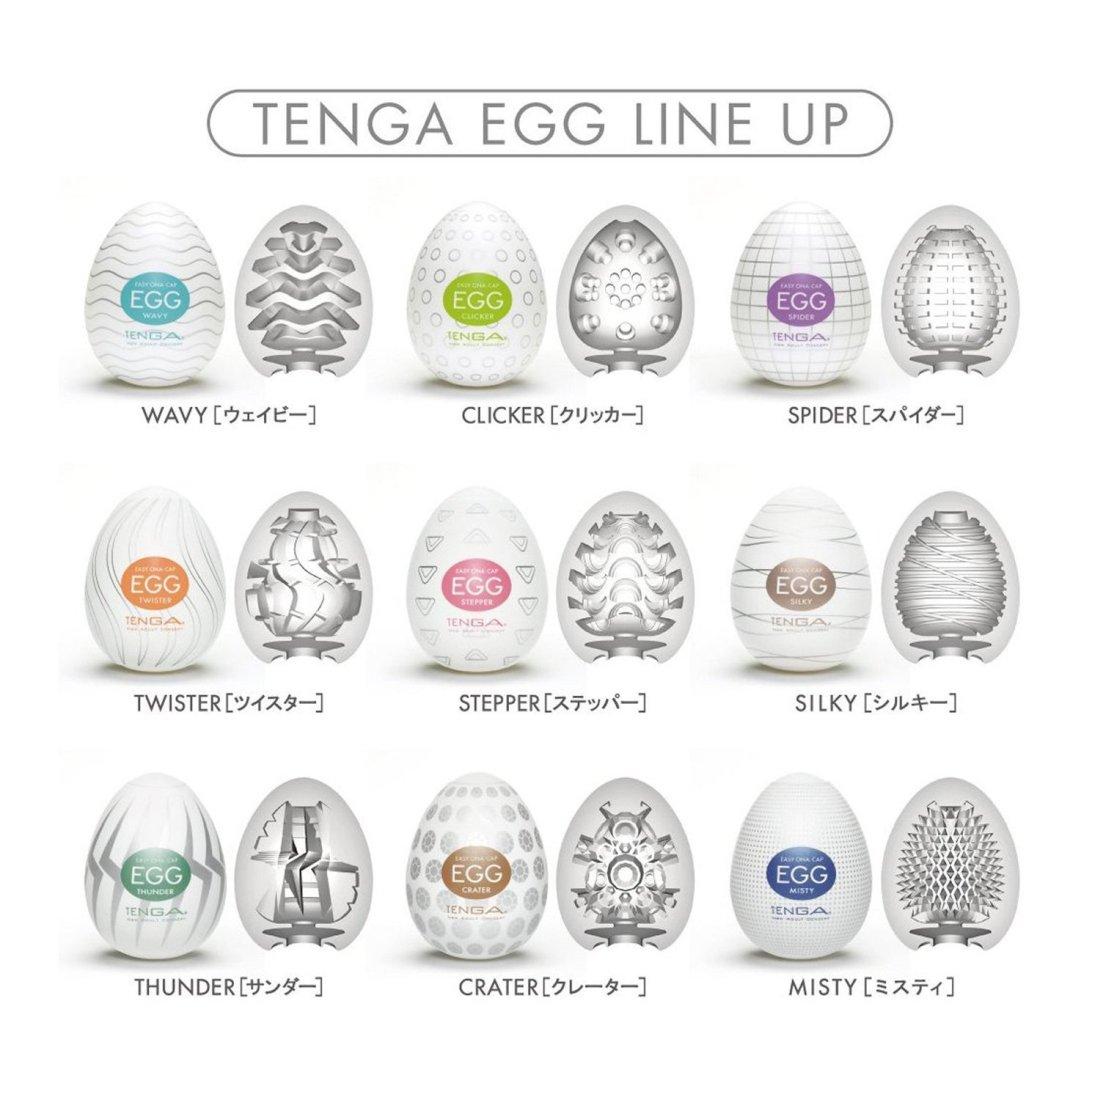 Tenga-Egg-Clicker_Artikelbild